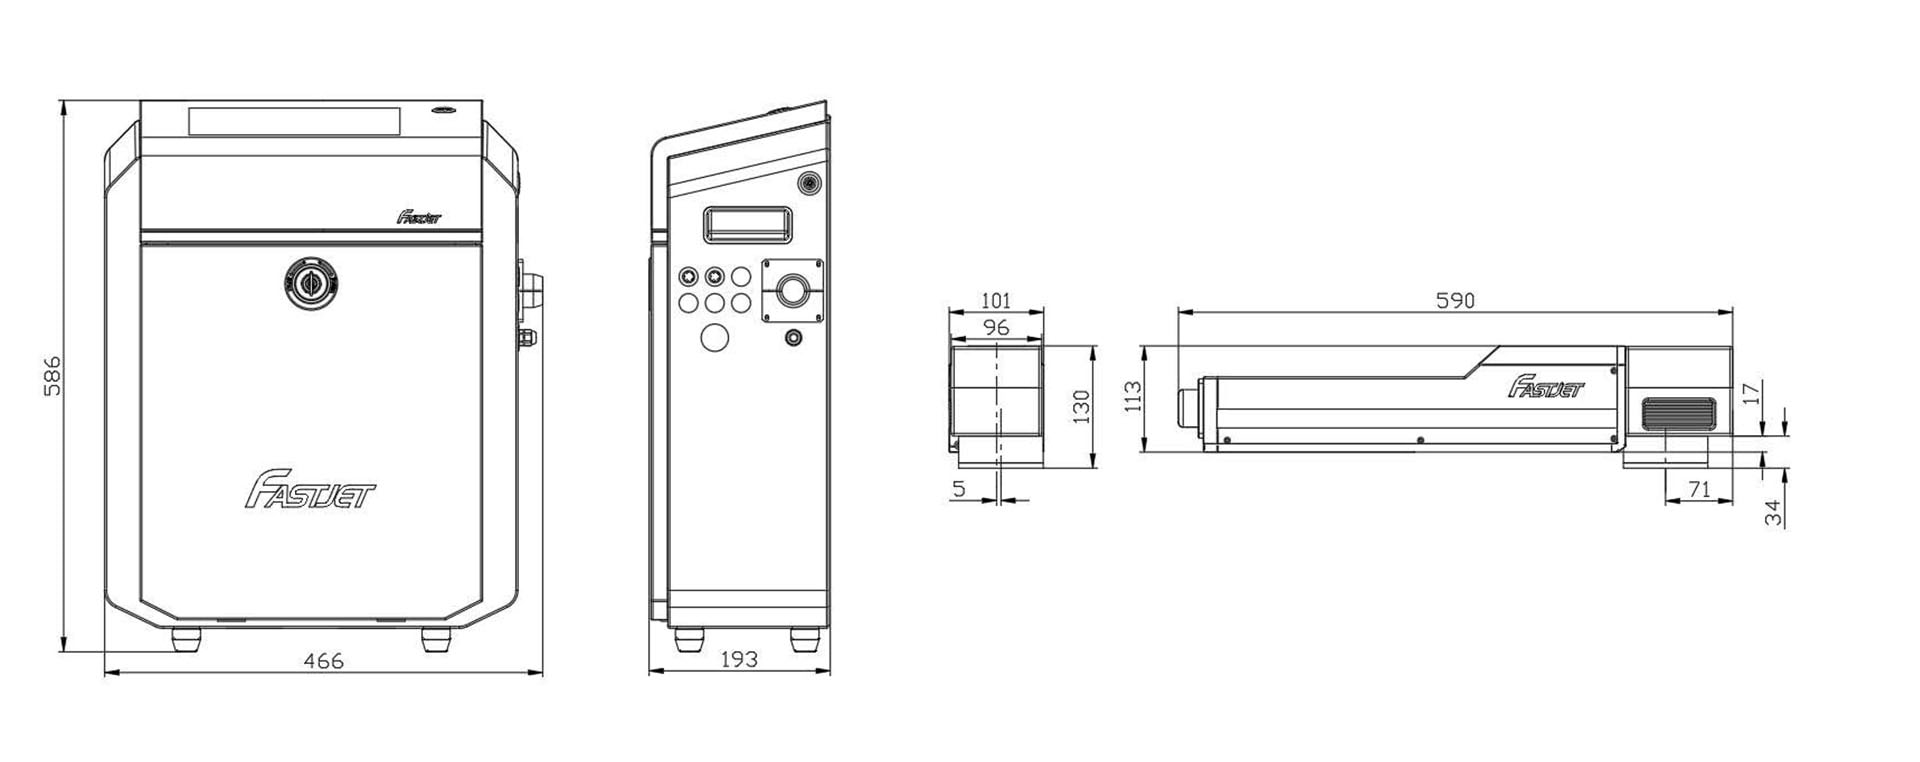 Лазерний маркувальник Fastjet F8200 розміри